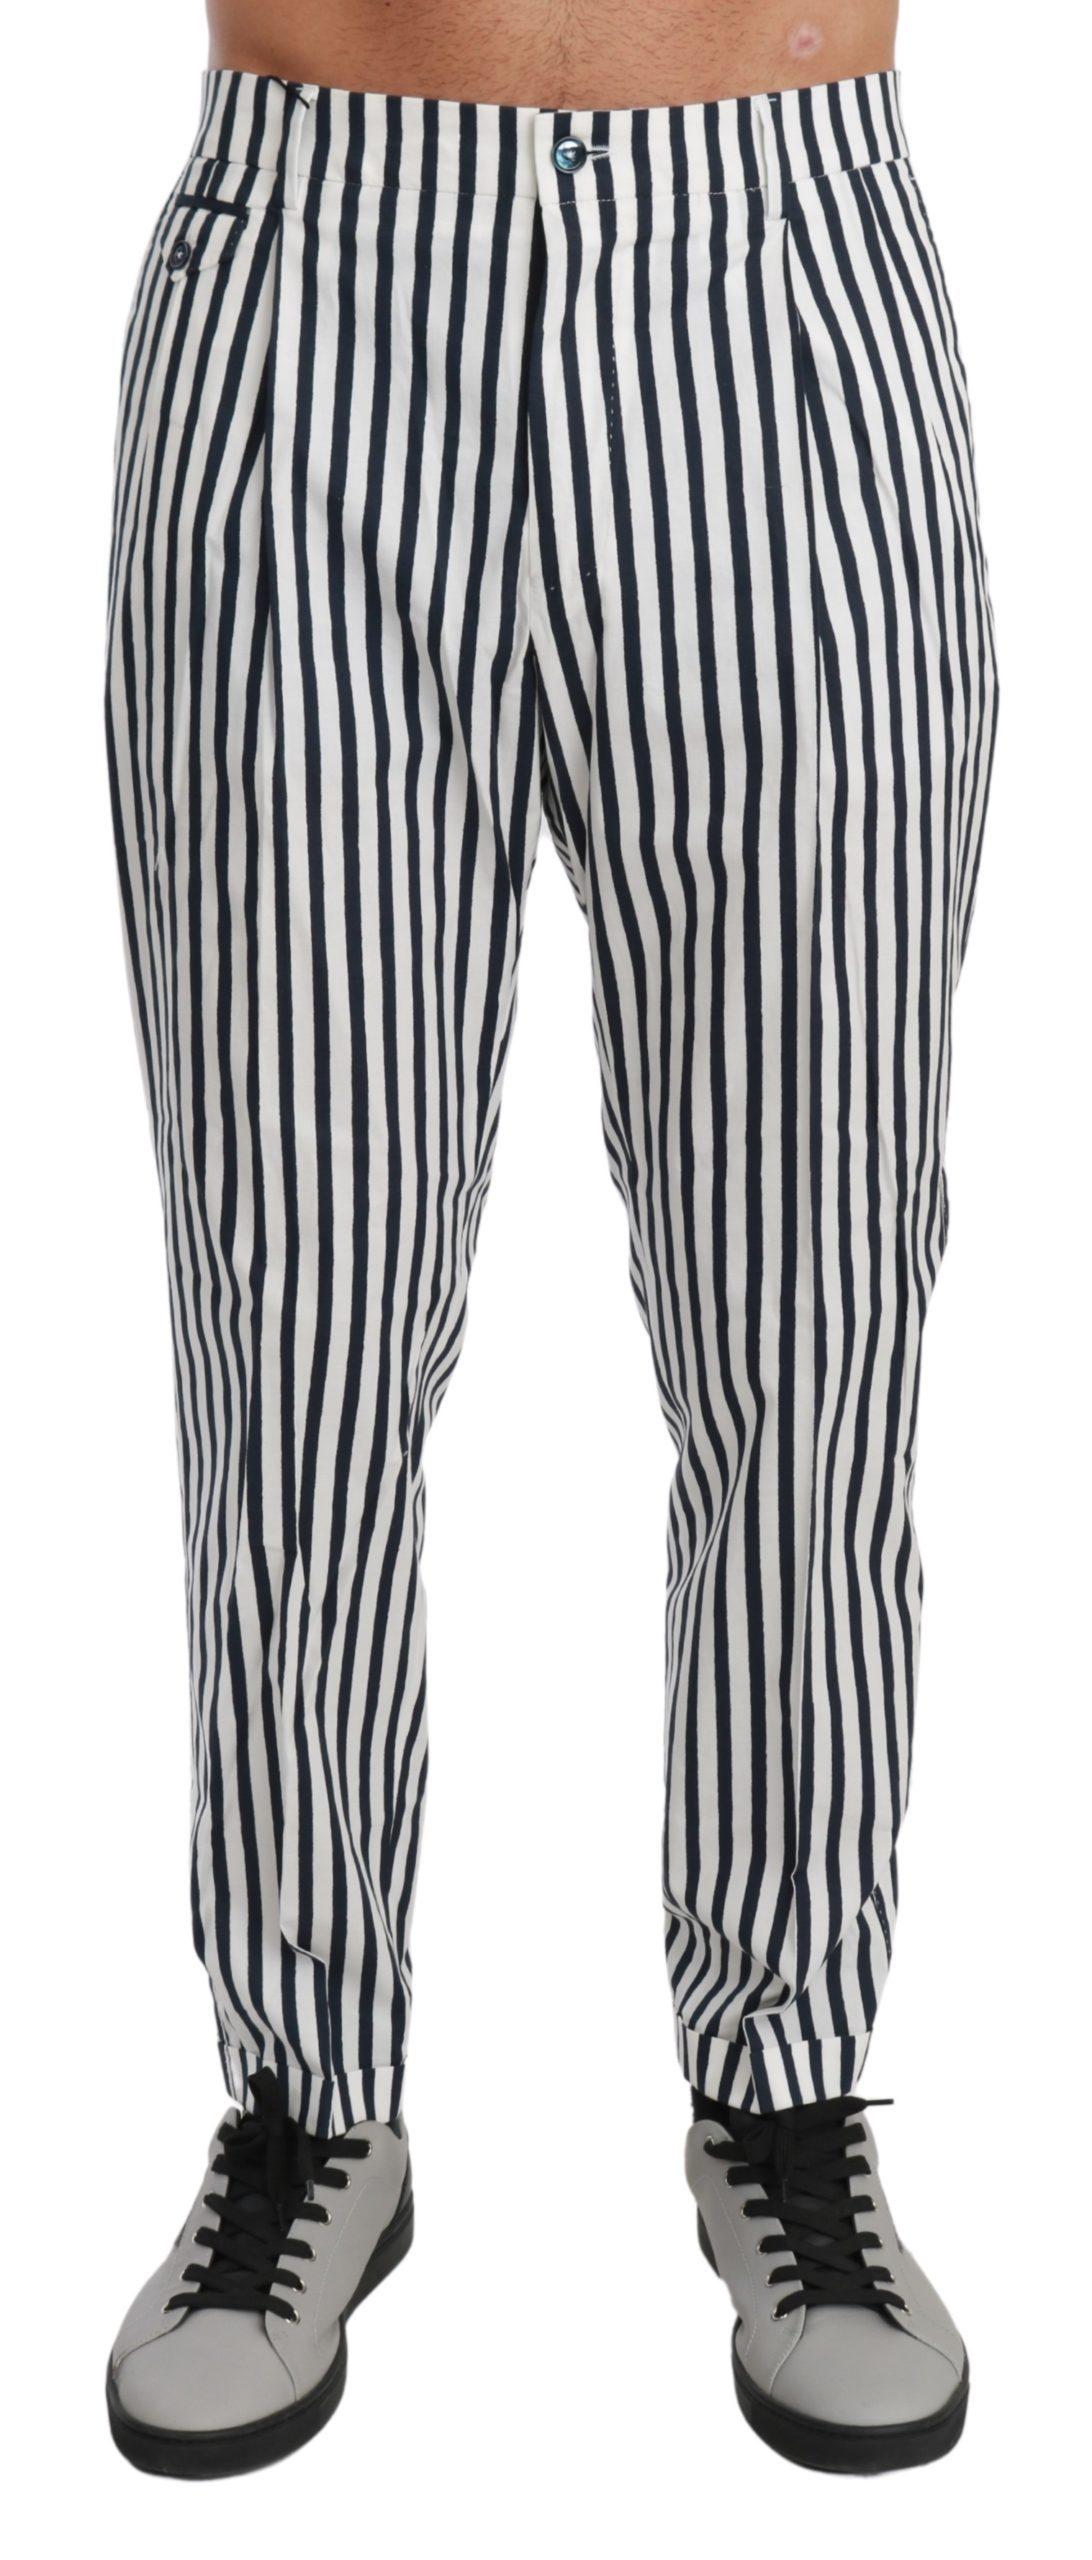 Dolce & Gabbana Men's Striped Casual Cotton Trouser White PAN71007 - IT48 | M